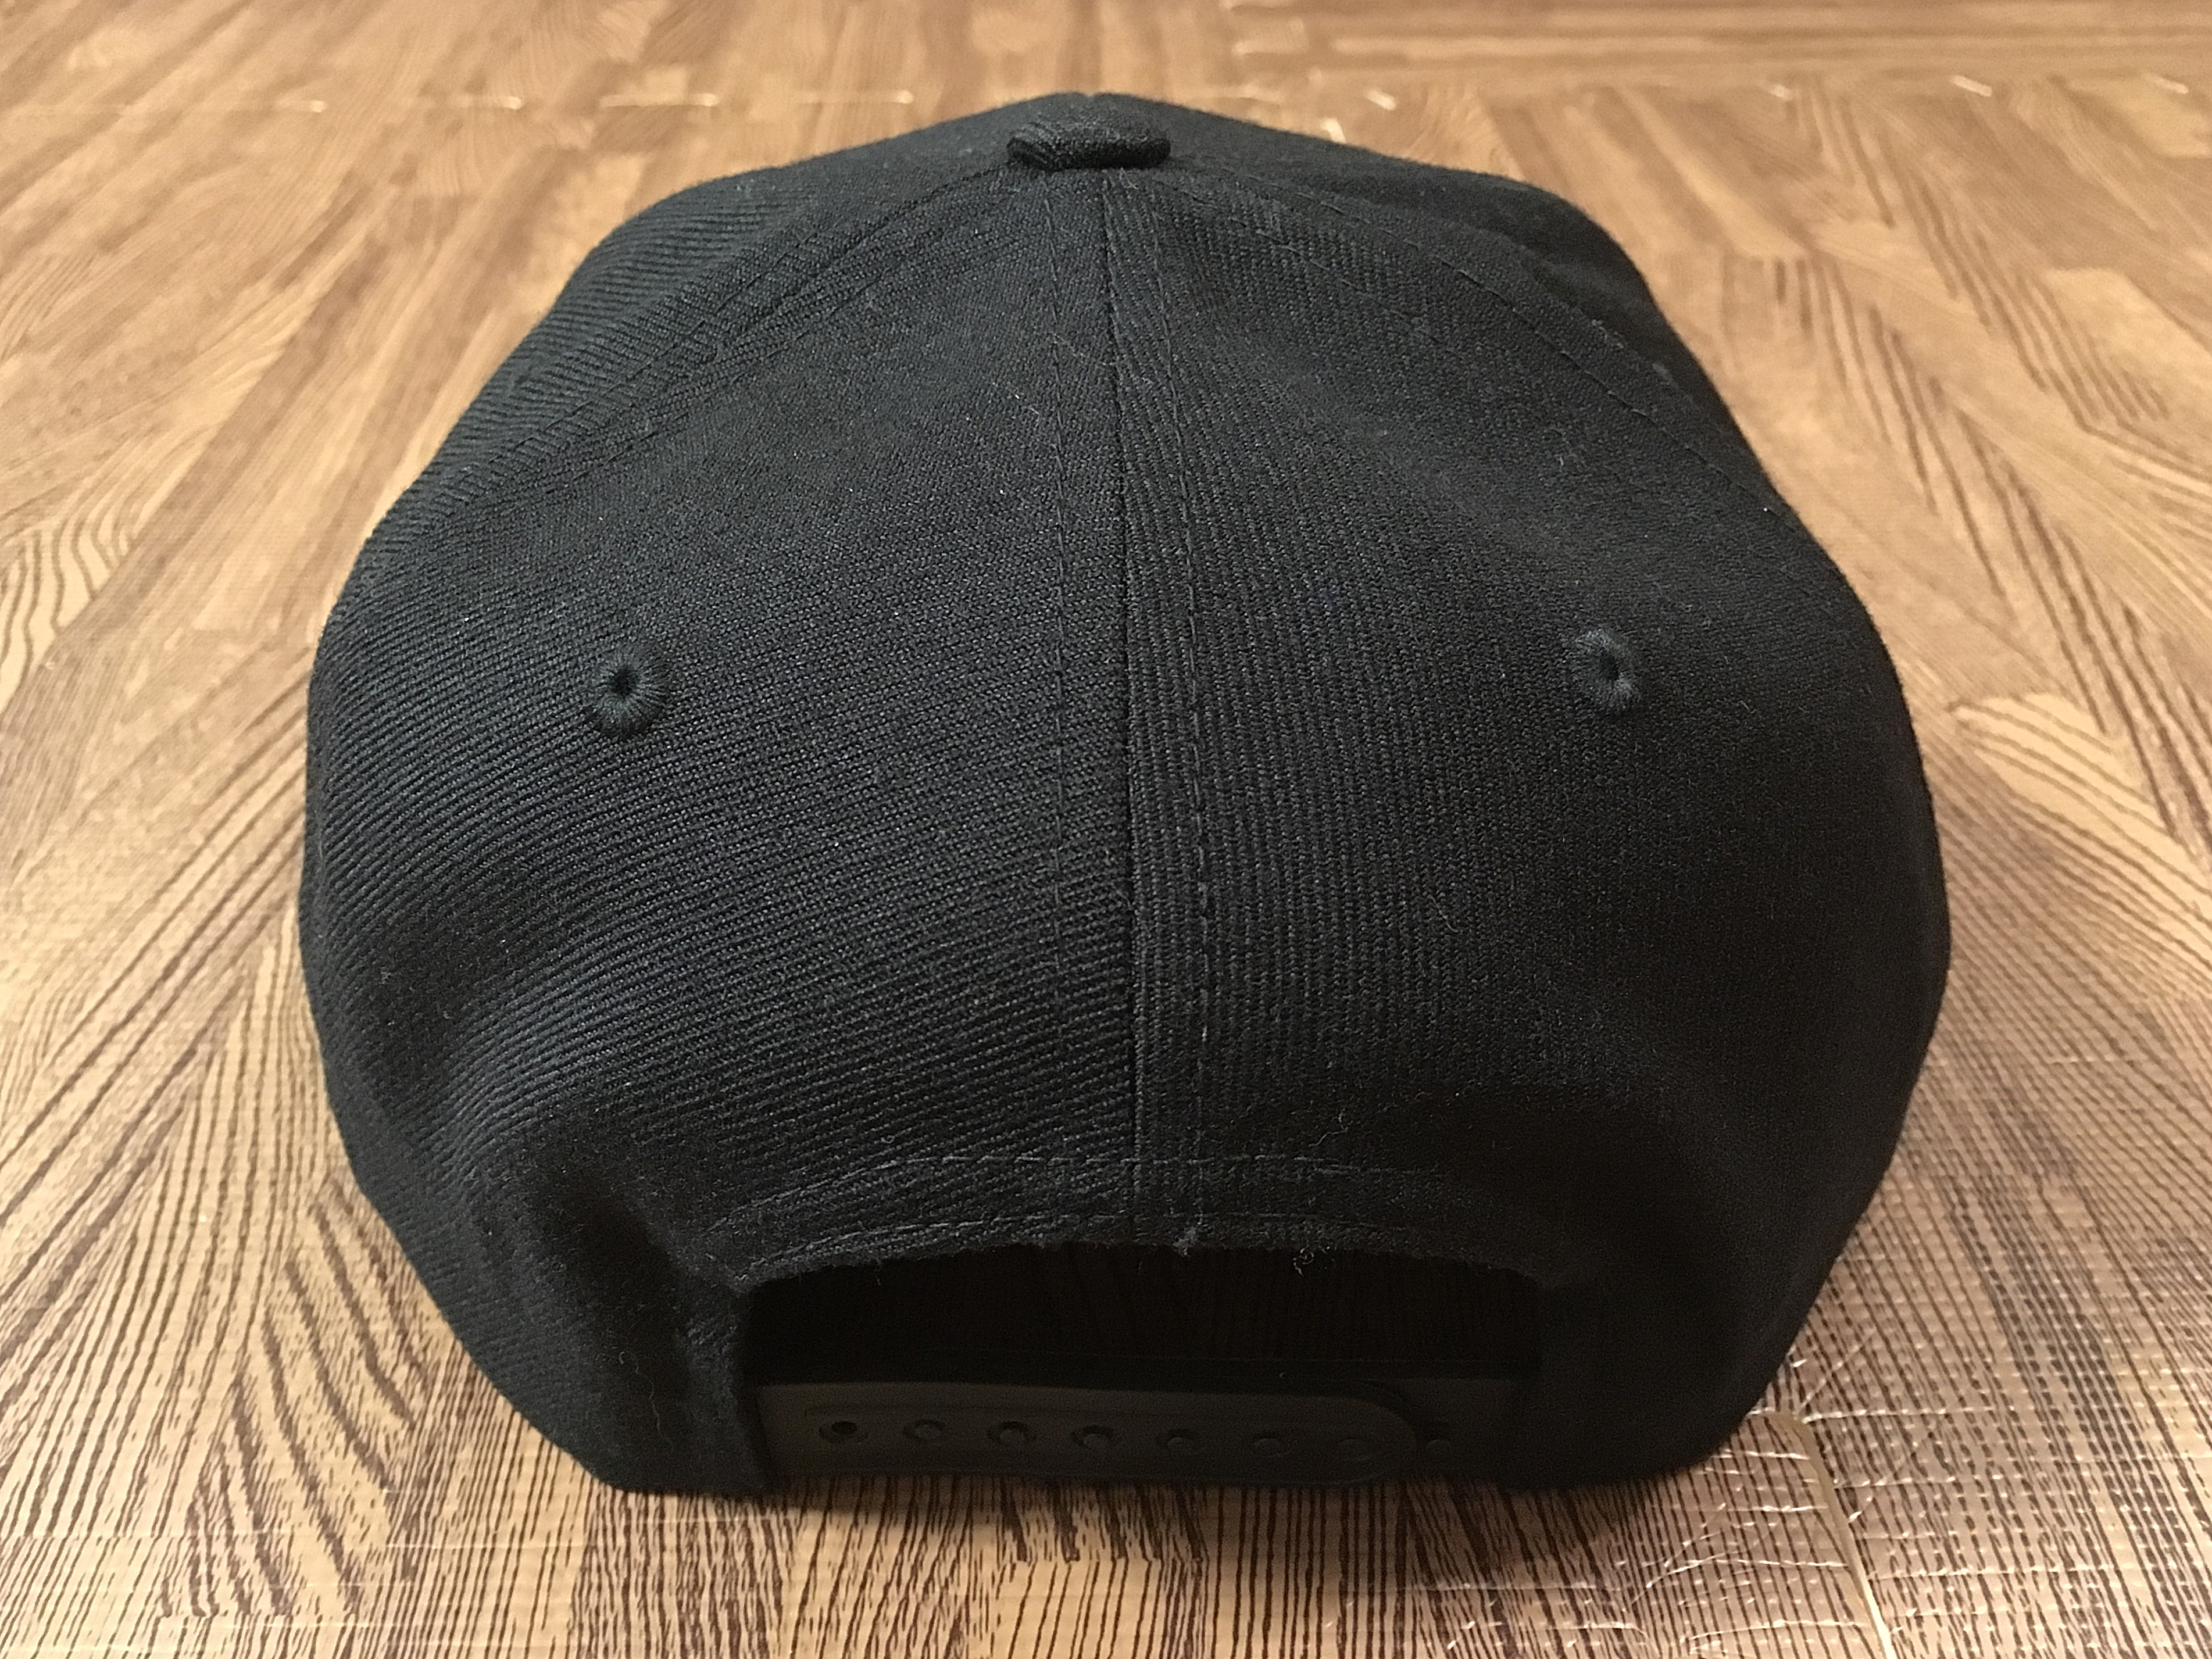 ミツウマオーセンティック Flat Viser Cap Black 正面後.JPG